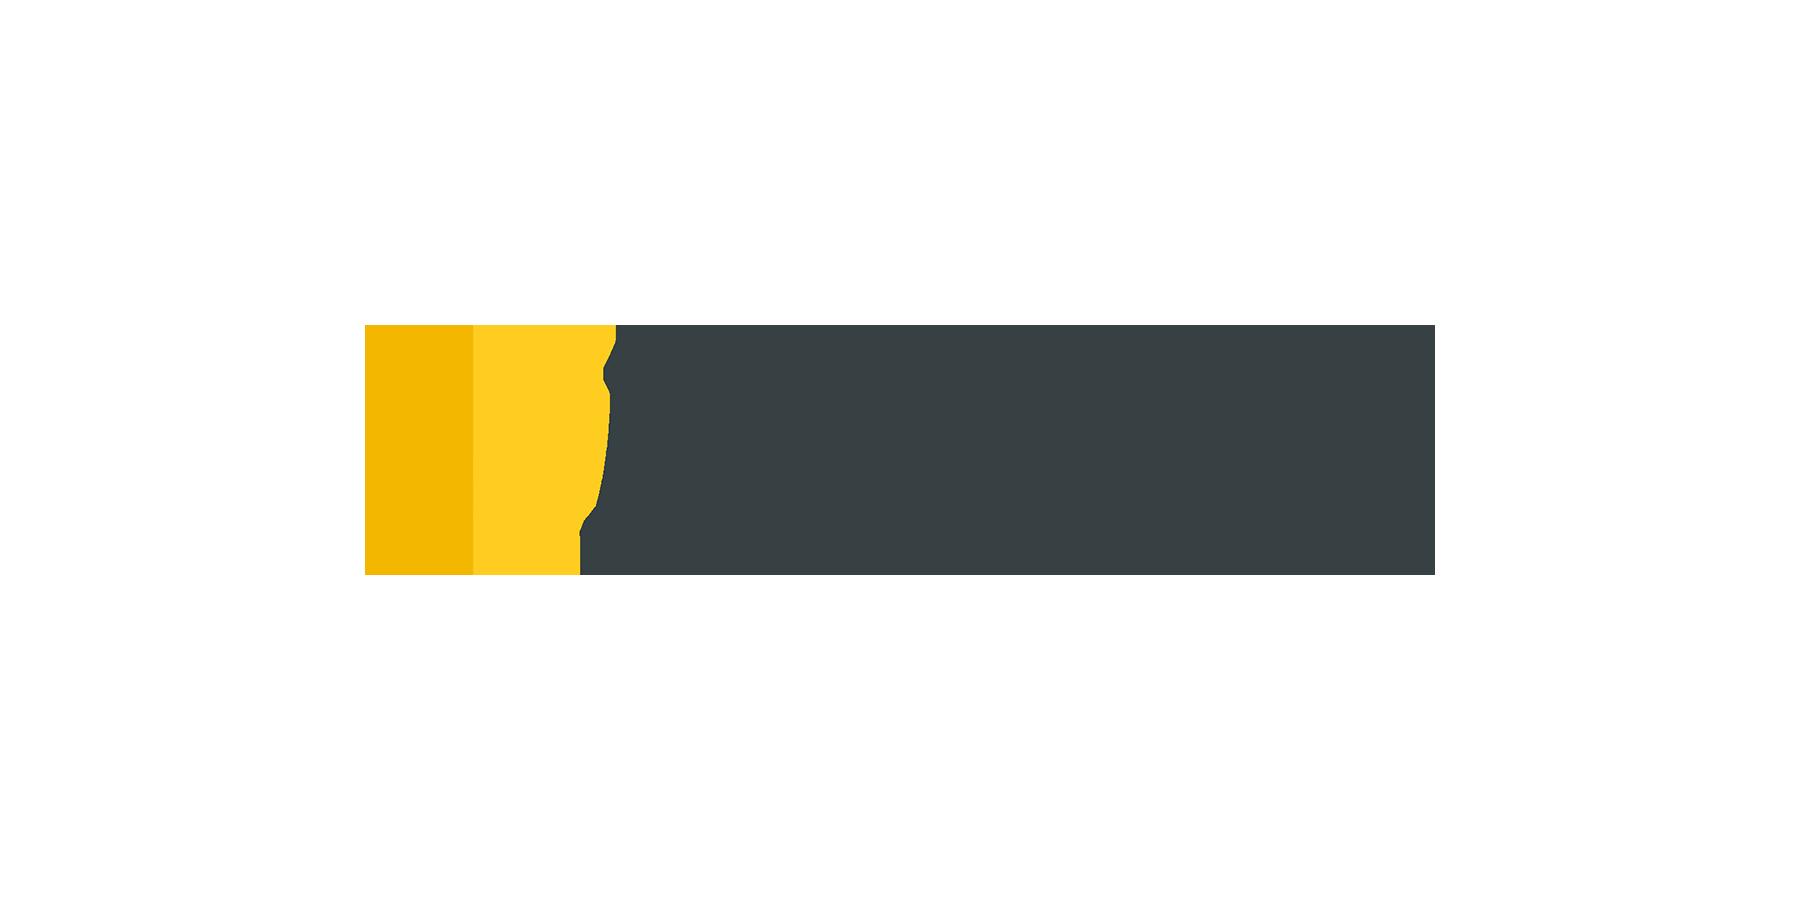 Hodge Bank image